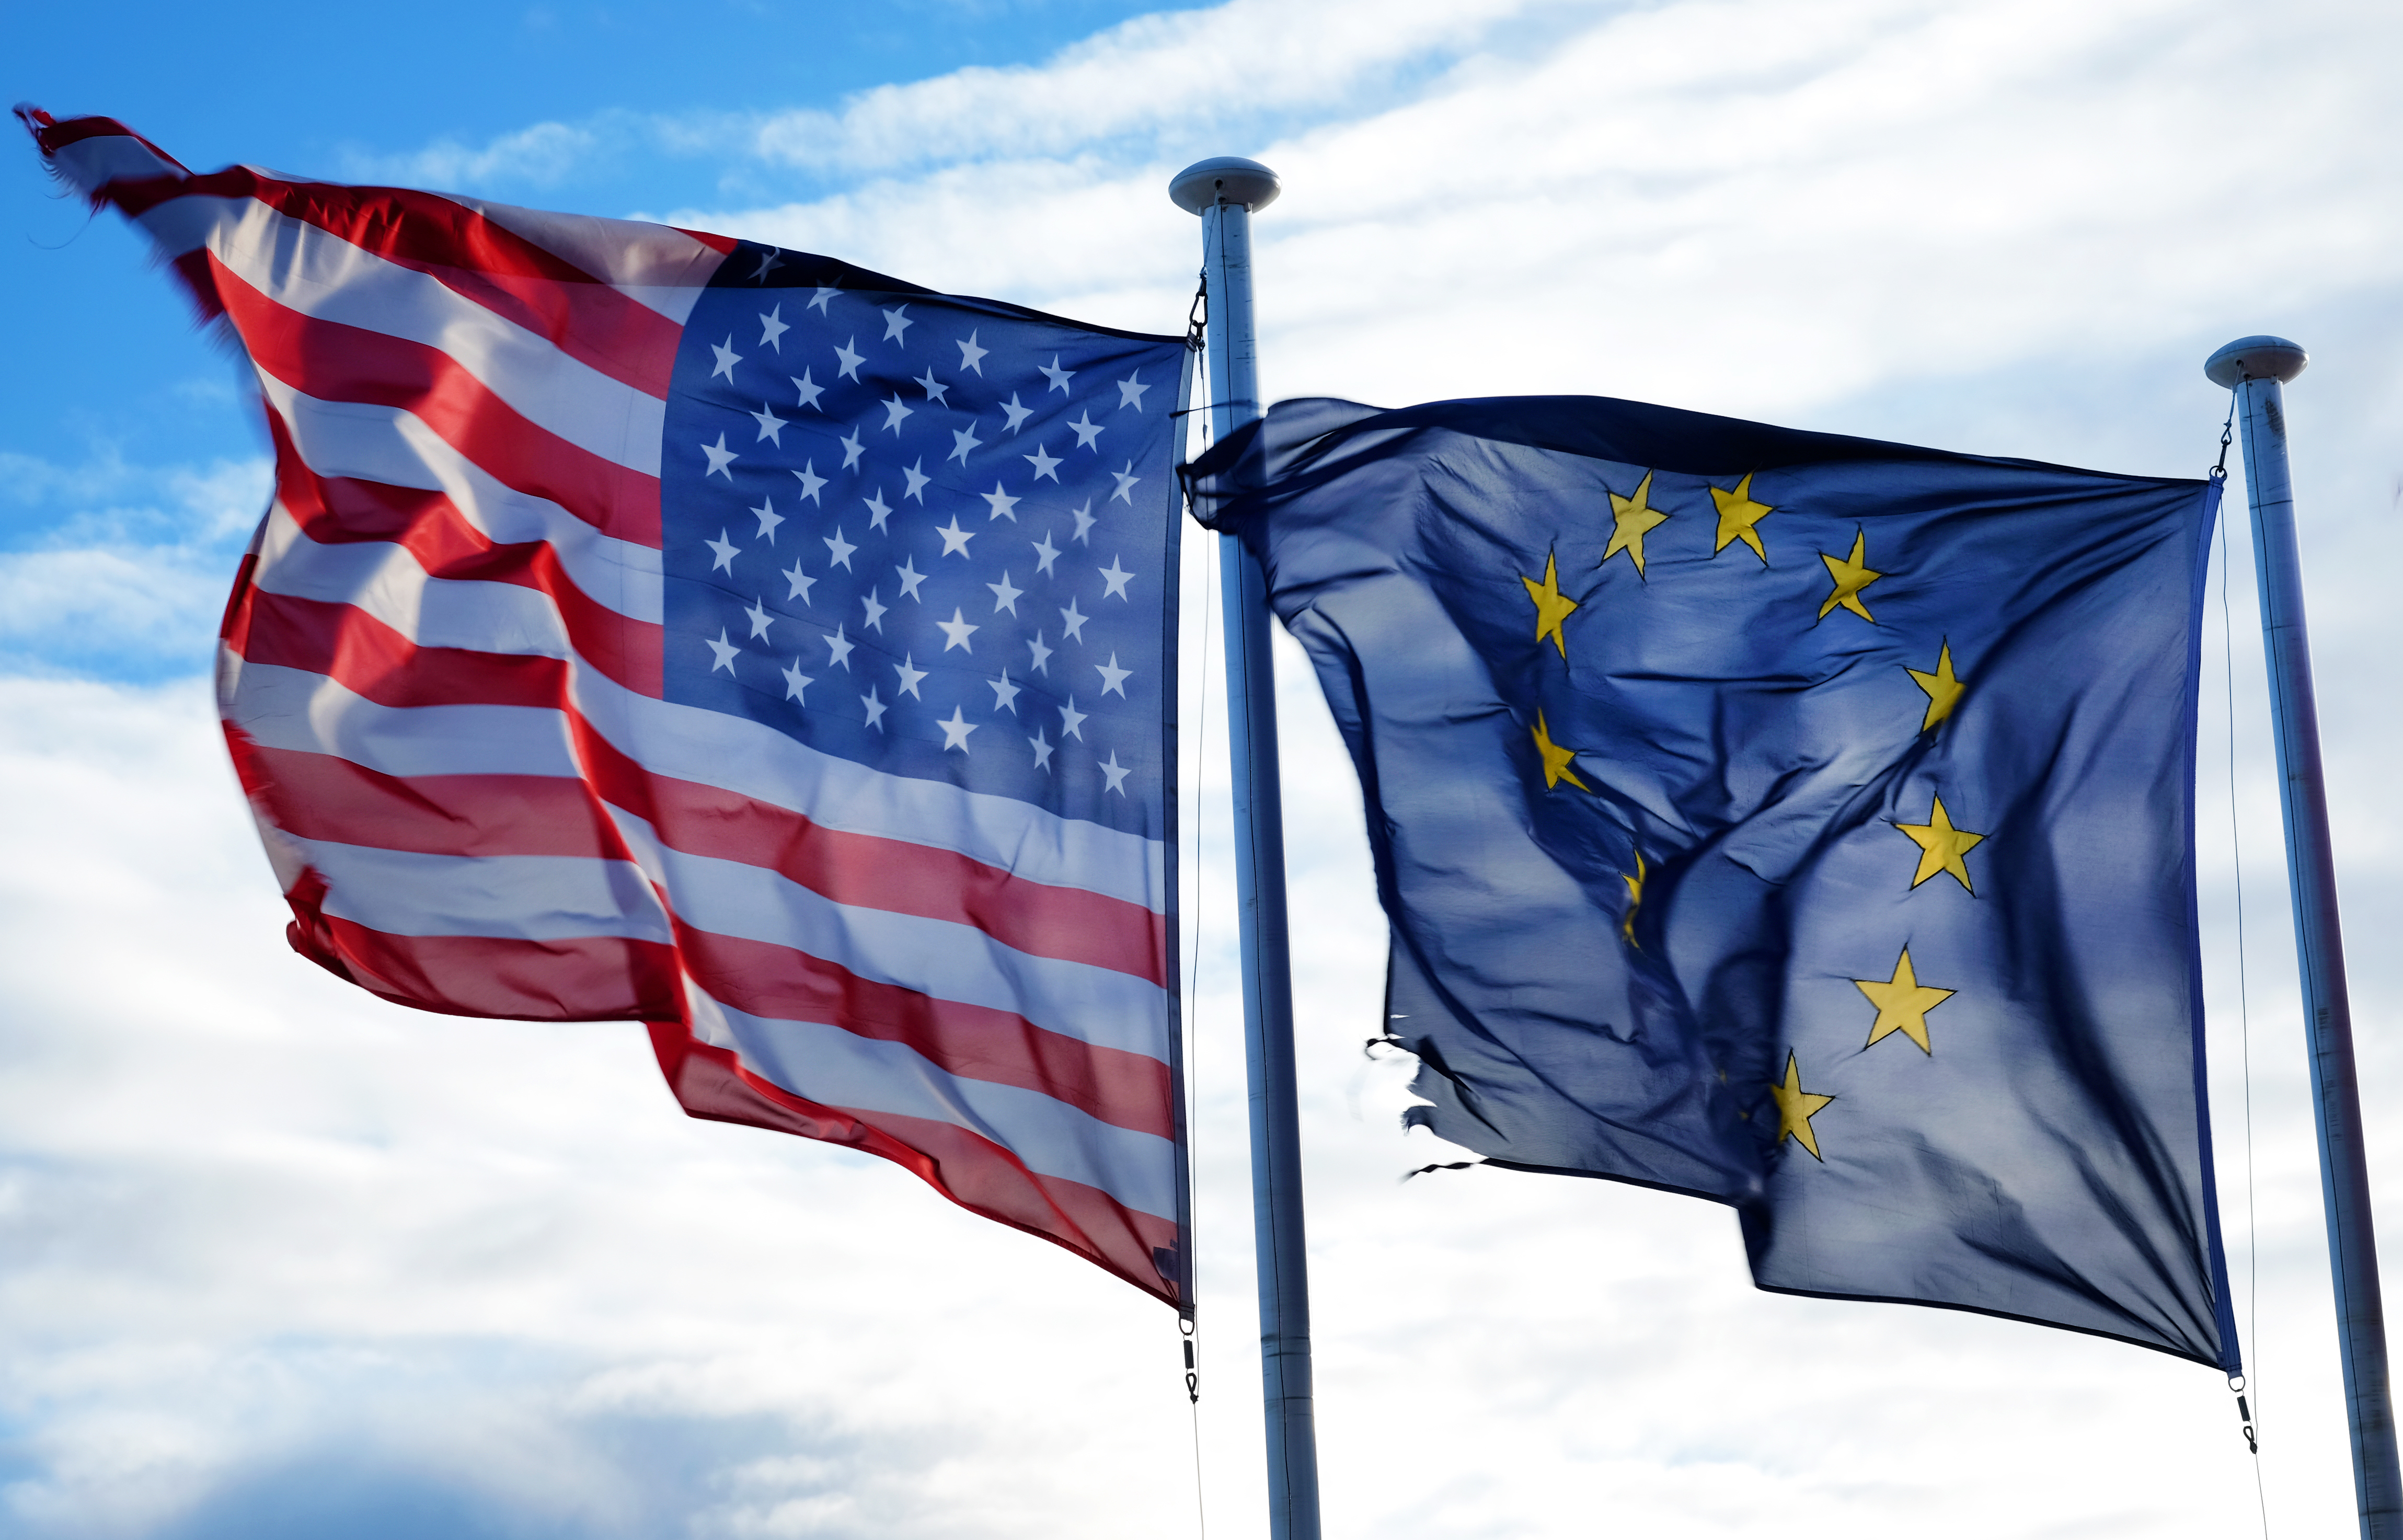 ЕС и США будут добиваться более предсказуемых отношений с Россией